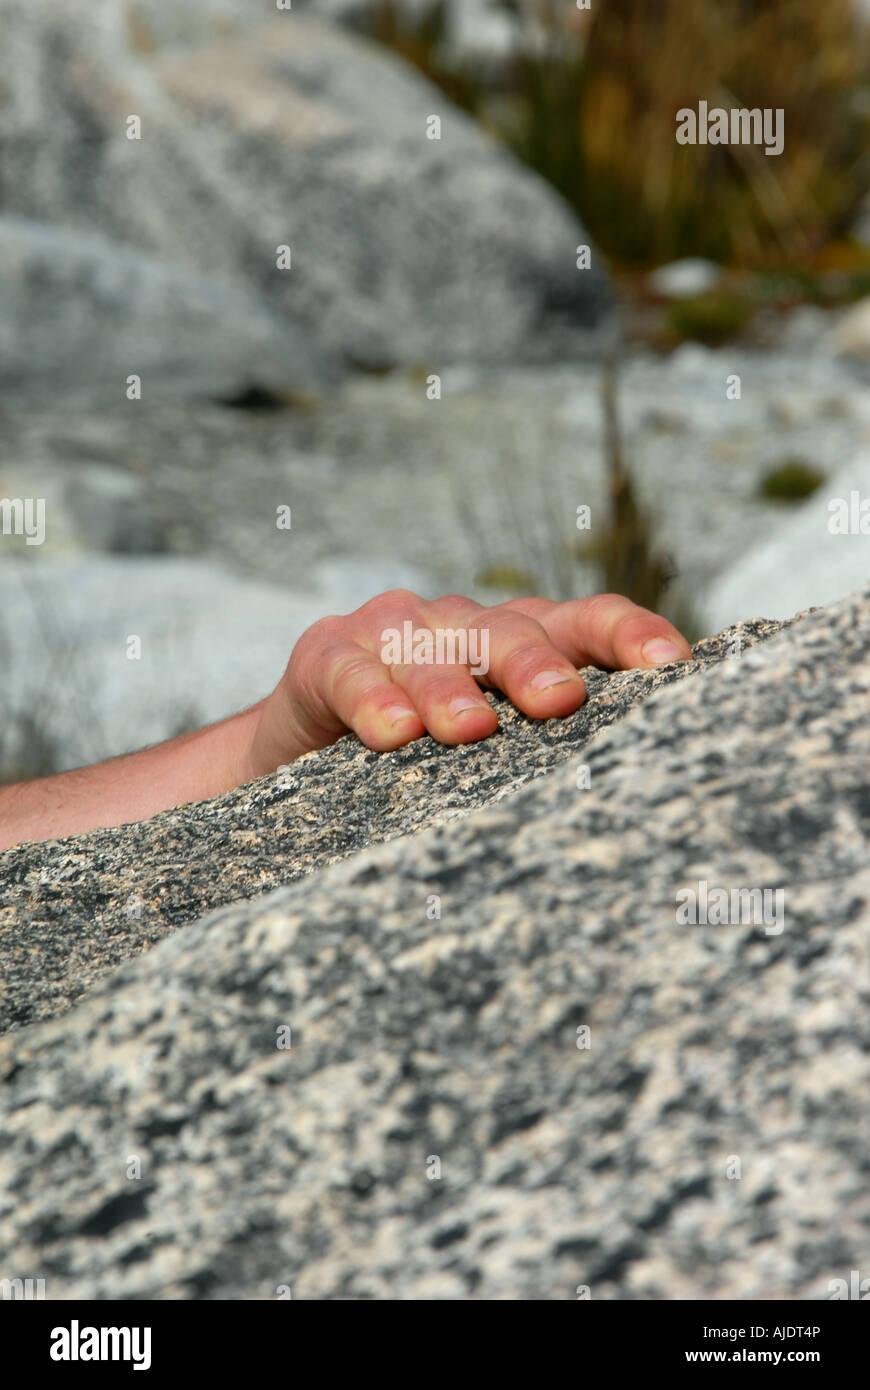 A climber reaches the top of a climb near Sorata, Bolivia, South America. - Stock Image